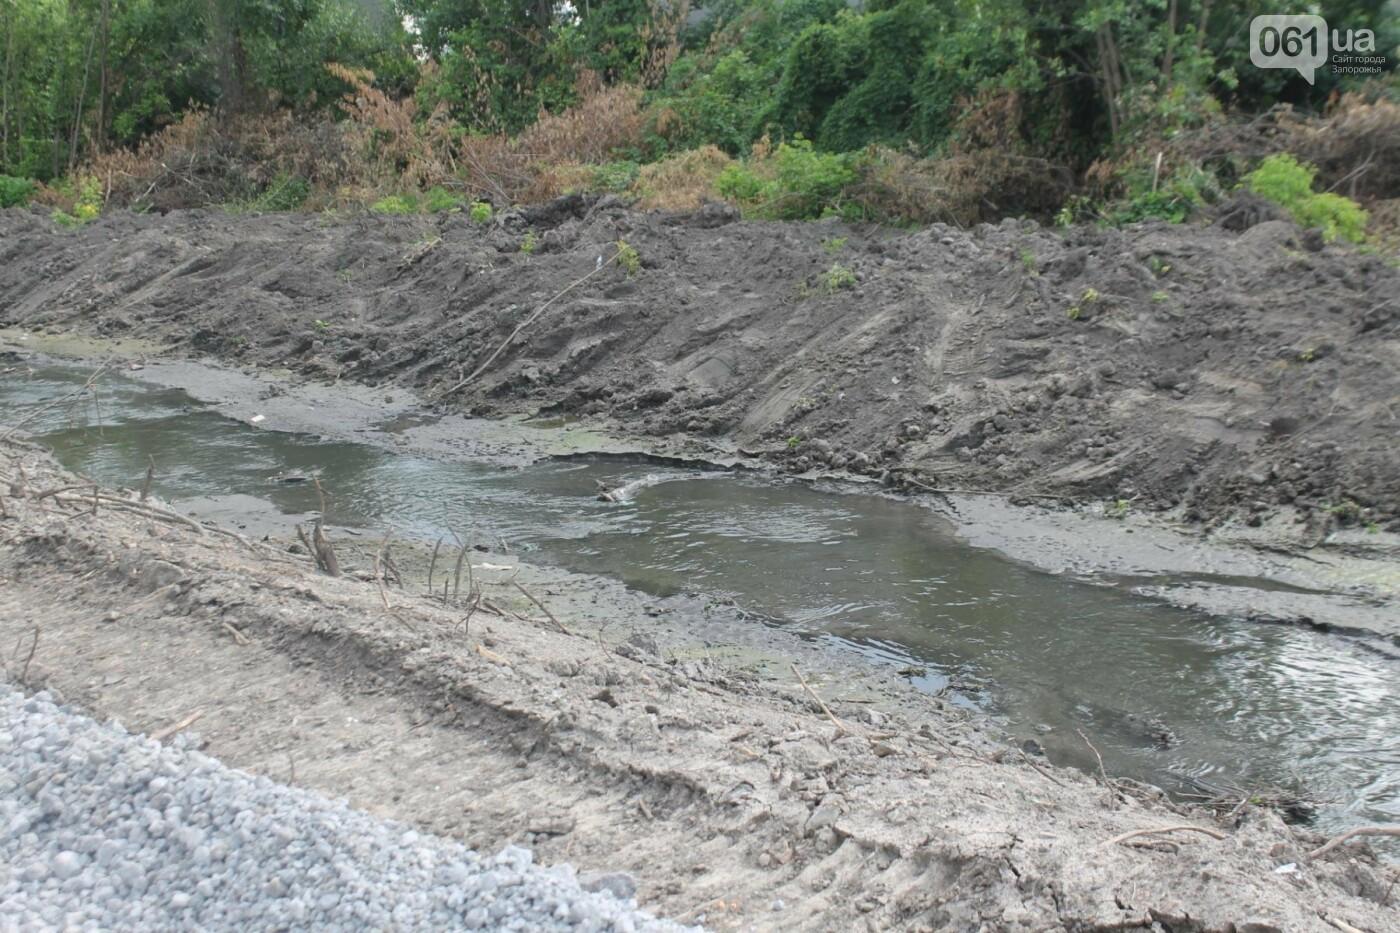 В Запорожье продолжается многомиллионная расчистка русла реки на Верхней Хортице, – ФОТОРЕПОРТАЖ, фото-12